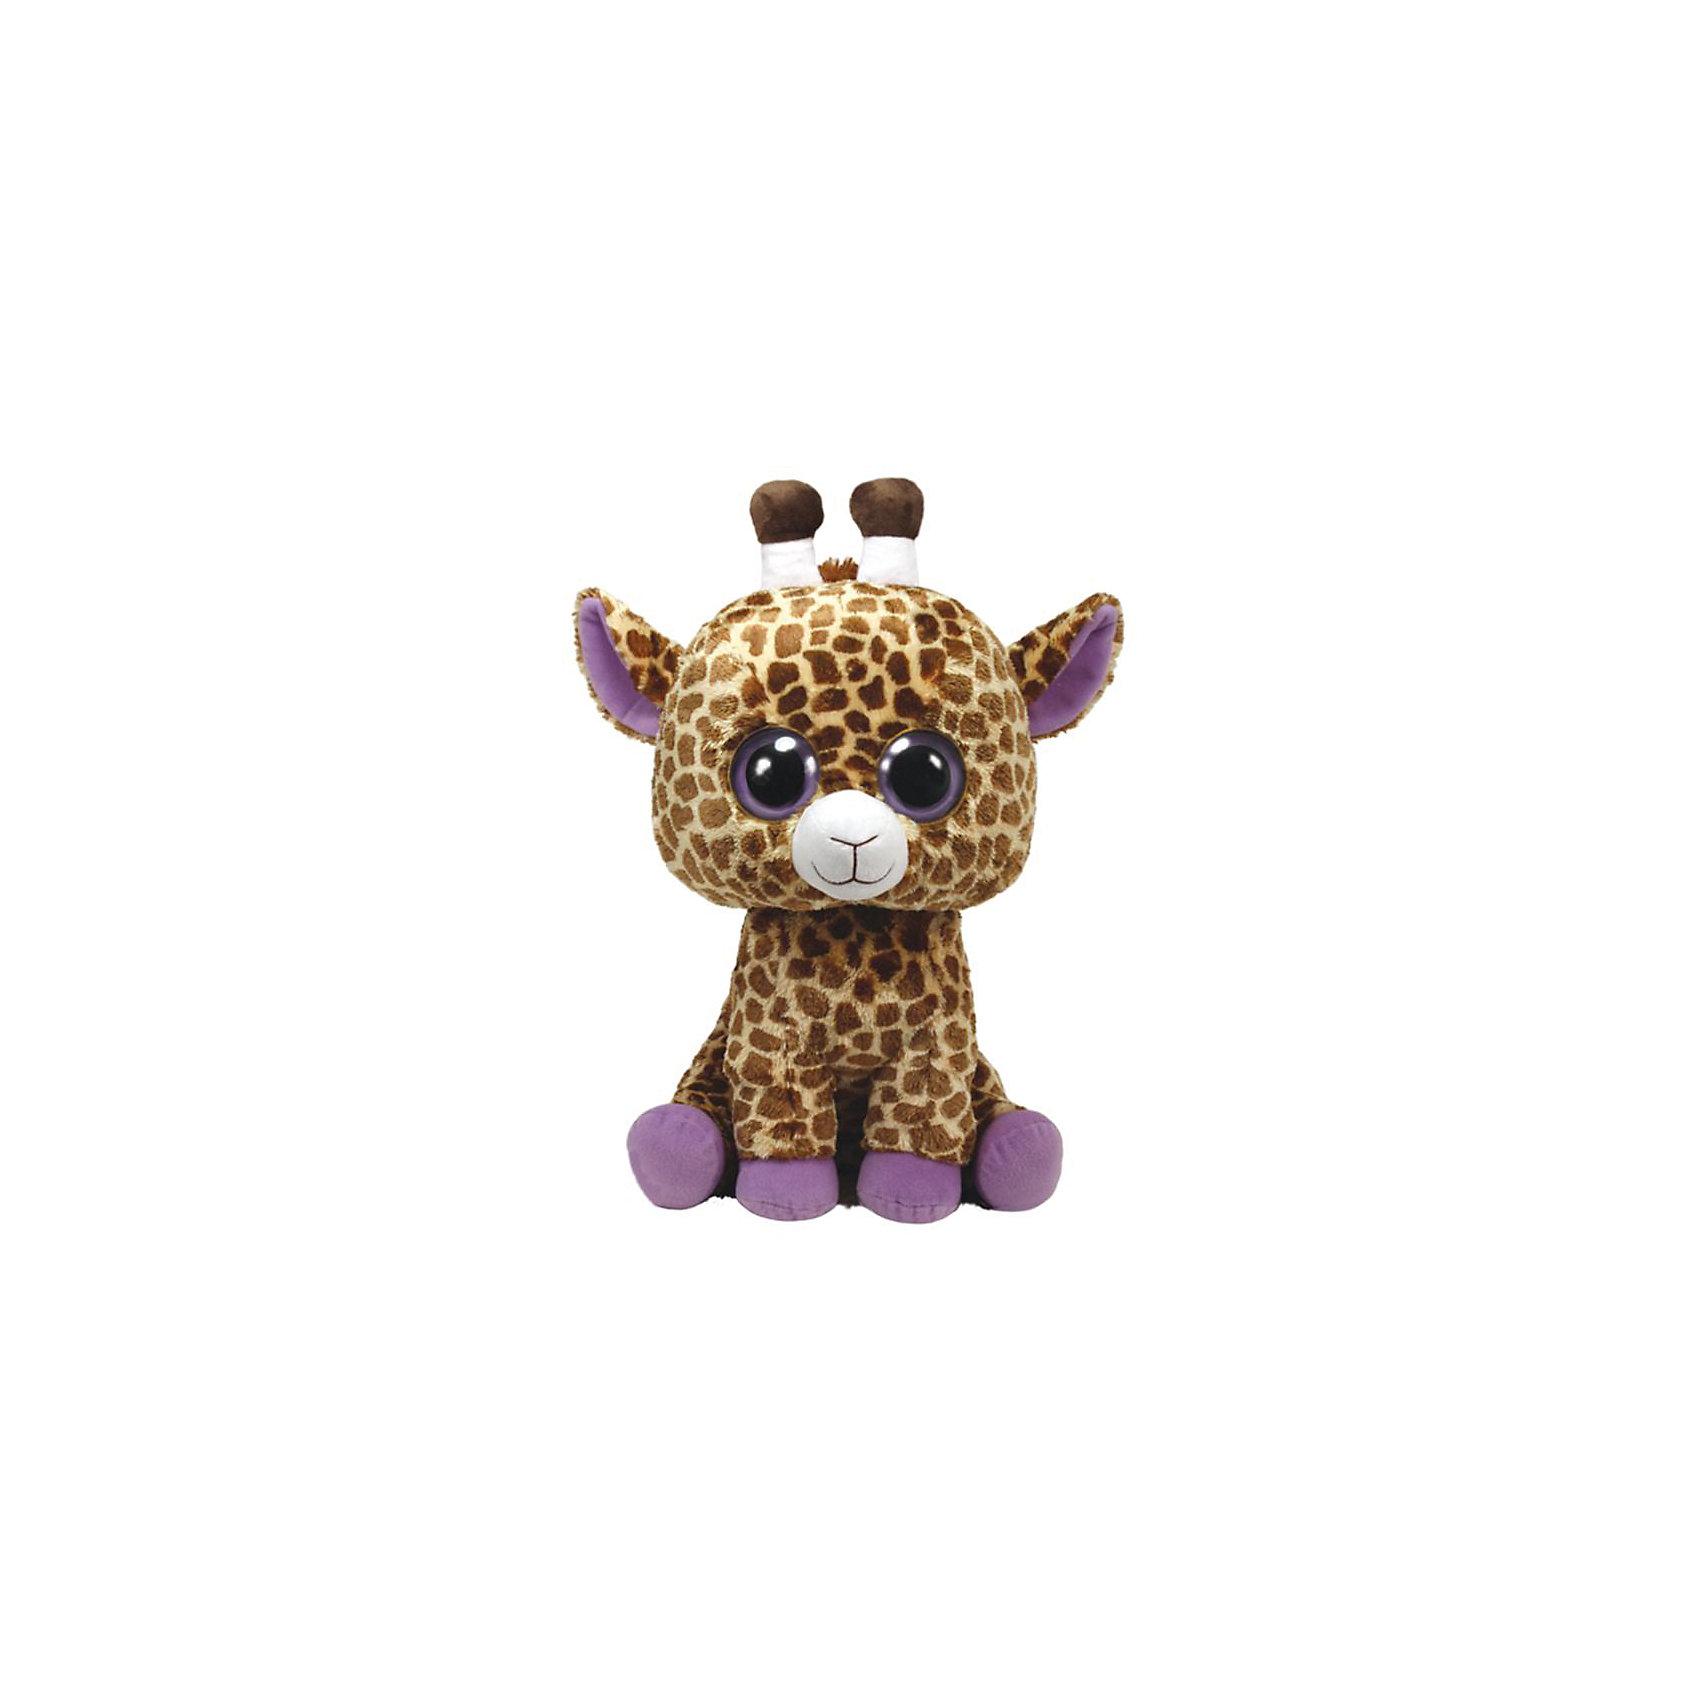 Жираф Safari 40,64 смЗвери и птицы<br>Жираф Safari 40,64 см – игрушка от бренда TY Inc (ТАЙ Инкорпорейтед), знаменитого своими мягкими игрушками, в качестве наполнителя для которых используются гранулы. Жираф выполнен из качественного и гипоаллергенного пятнистого текстиля с коротким ворсом , копытца и внутренняя часть ушек – из сиреневого текстиля. Используемые материалы делают игрушку прочной, устойчивой к изменению цвета и формы, ее разрешается стирать.<br>Жираф Safari 40,64 см TY Inc непременно станет любимой игрушкой для вашего ребенка, а уникальный наполнитель будет способствовать  не  только развитию мелкой моторики пальцев, но и оказывать релаксирующее воздействие.<br><br>Дополнительная информация:<br><br>- Вид игр: сюжетно-ролевые игры, интерьерные игрушки, для коллекционирования<br>- Предназначение: для дома<br>- Материал: искусственный мех, пластик, наполнитель ? гранулы<br>- Высота: 40, 64 см<br>- Особенности ухода: разрешается стирка<br>Подробнее:<br><br>• Для детей в возрасте: от 3 лет <br>• Страна производитель: Китай<br>• Торговый бренд: TY Inc <br><br>Жирафа Safari 40,64 см можно купить в нашем интернет-магазине.<br><br>Ширина мм: 399<br>Глубина мм: 240<br>Высота мм: 244<br>Вес г: 752<br>Возраст от месяцев: 12<br>Возраст до месяцев: 60<br>Пол: Унисекс<br>Возраст: Детский<br>SKU: 3147341